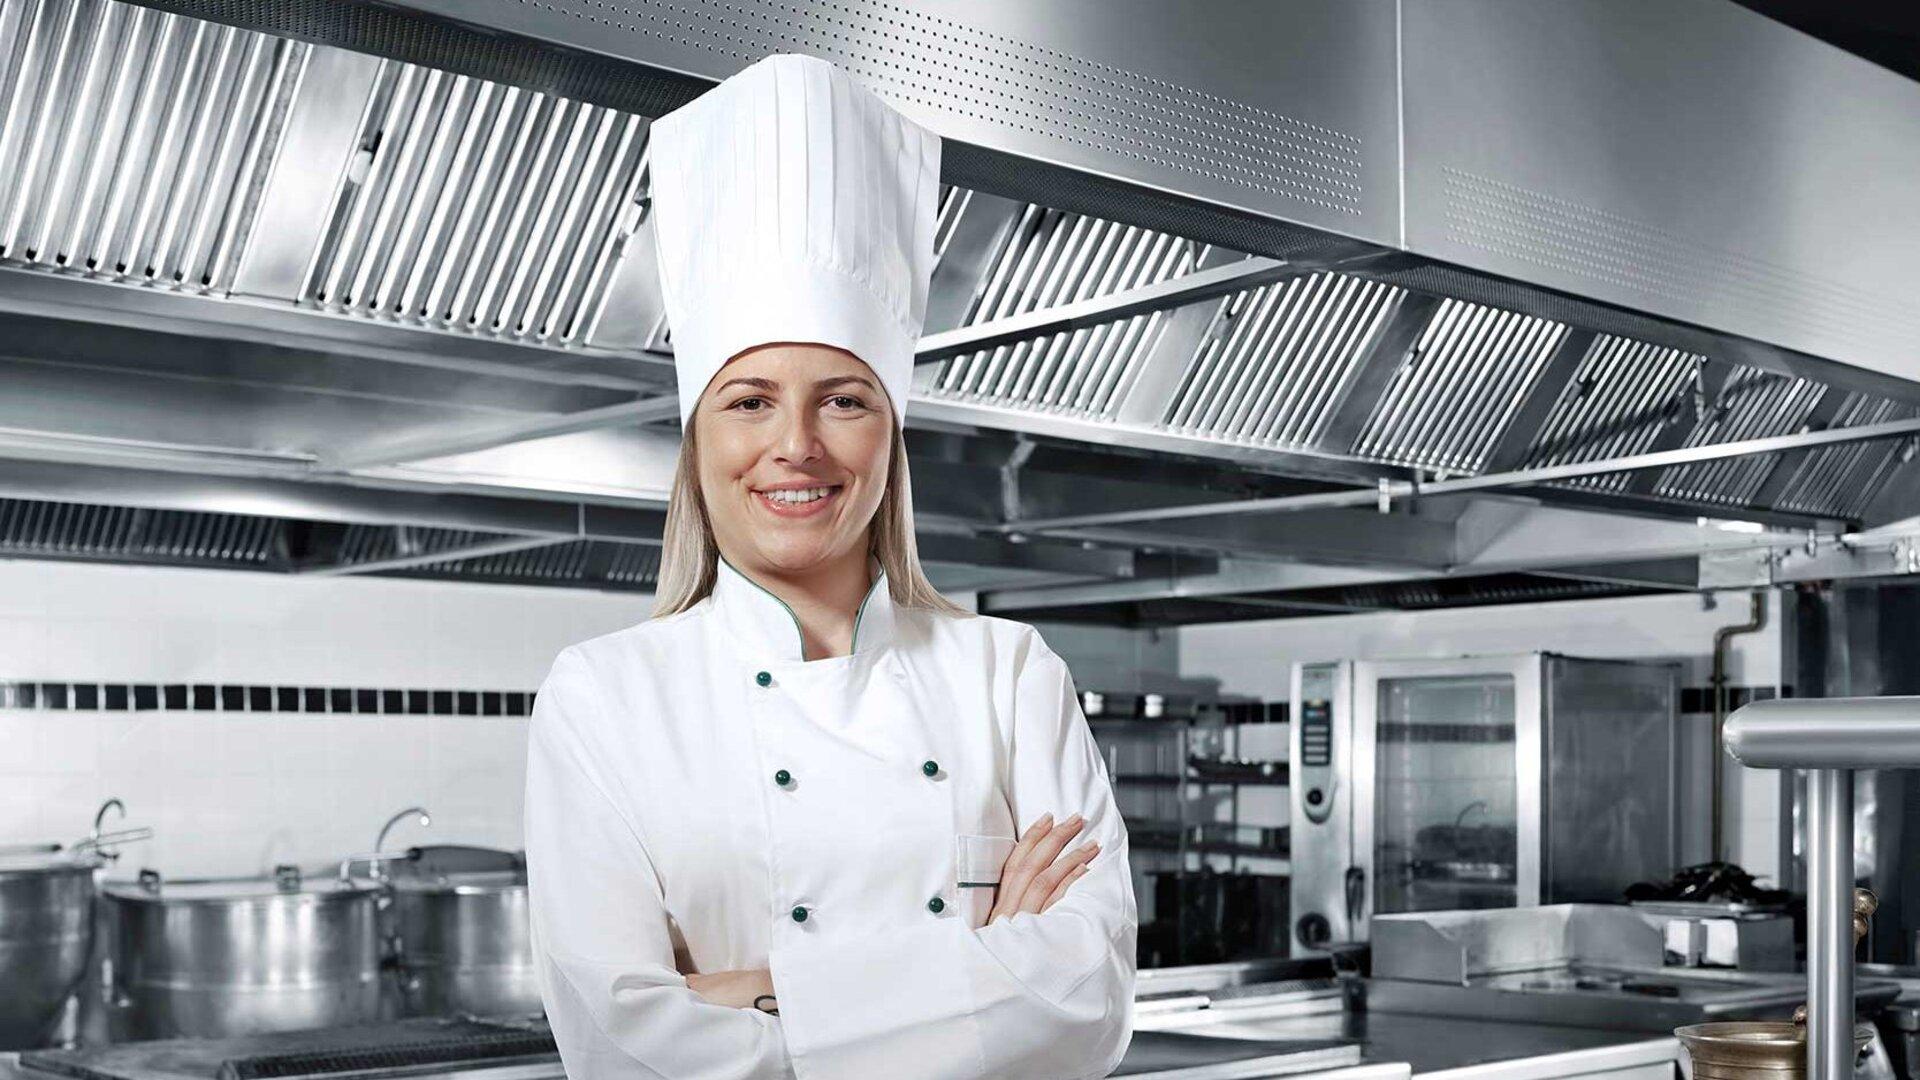 专业厨师在不锈钢厨房里